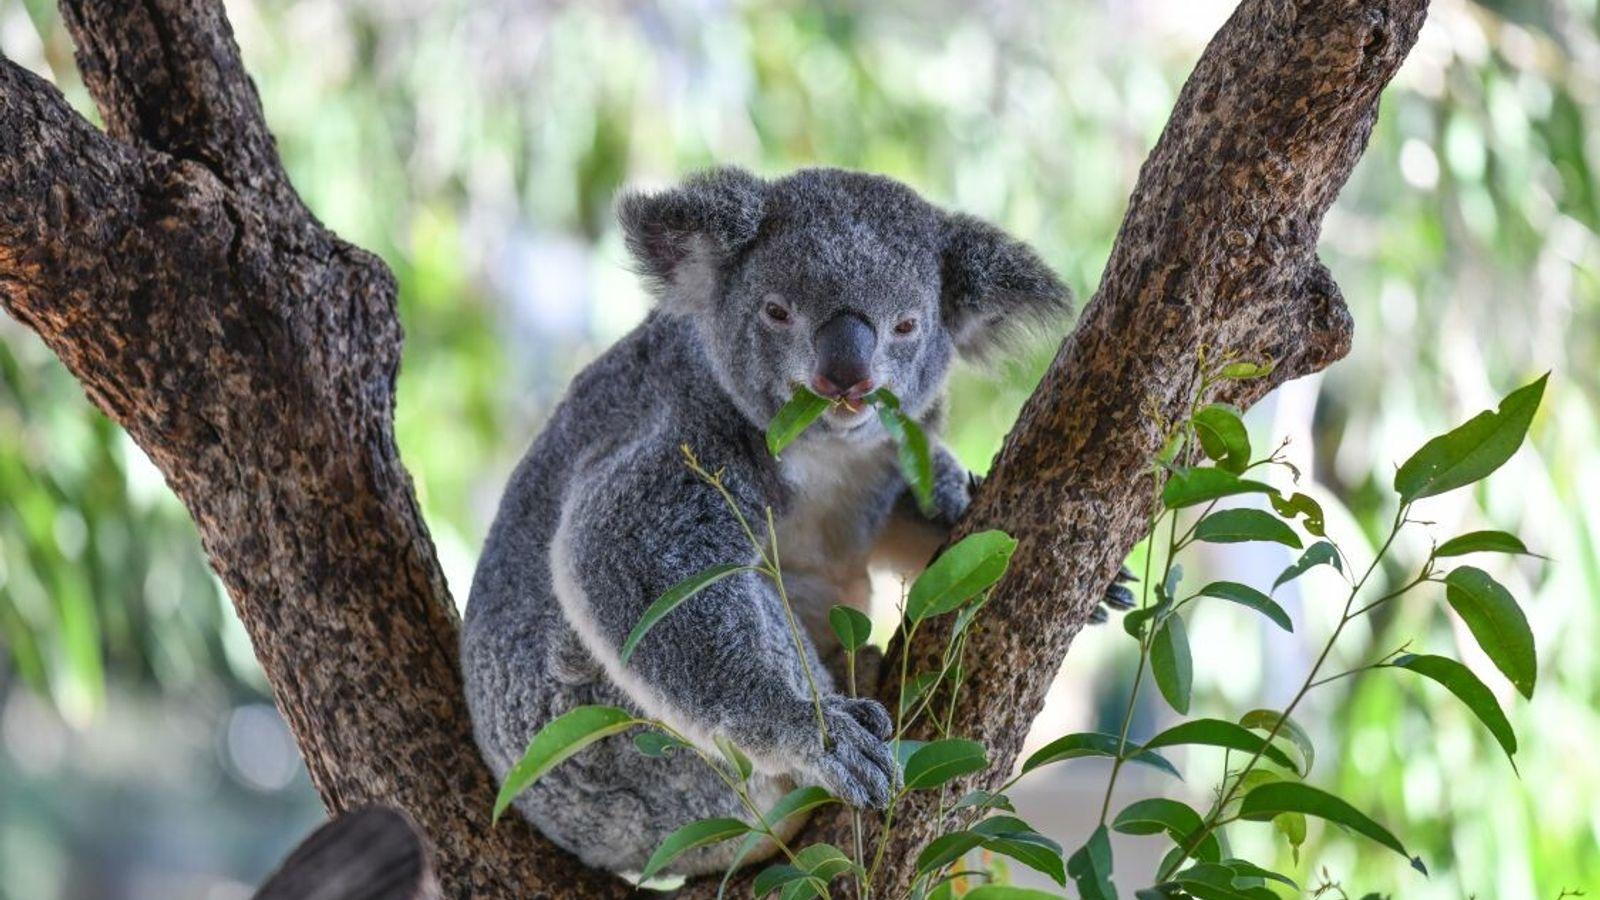 VERLIERER | Australische Tiere: Nach Angaben des WWF waren fast drei Milliarden Wirbeltiere von den verheerenden ...